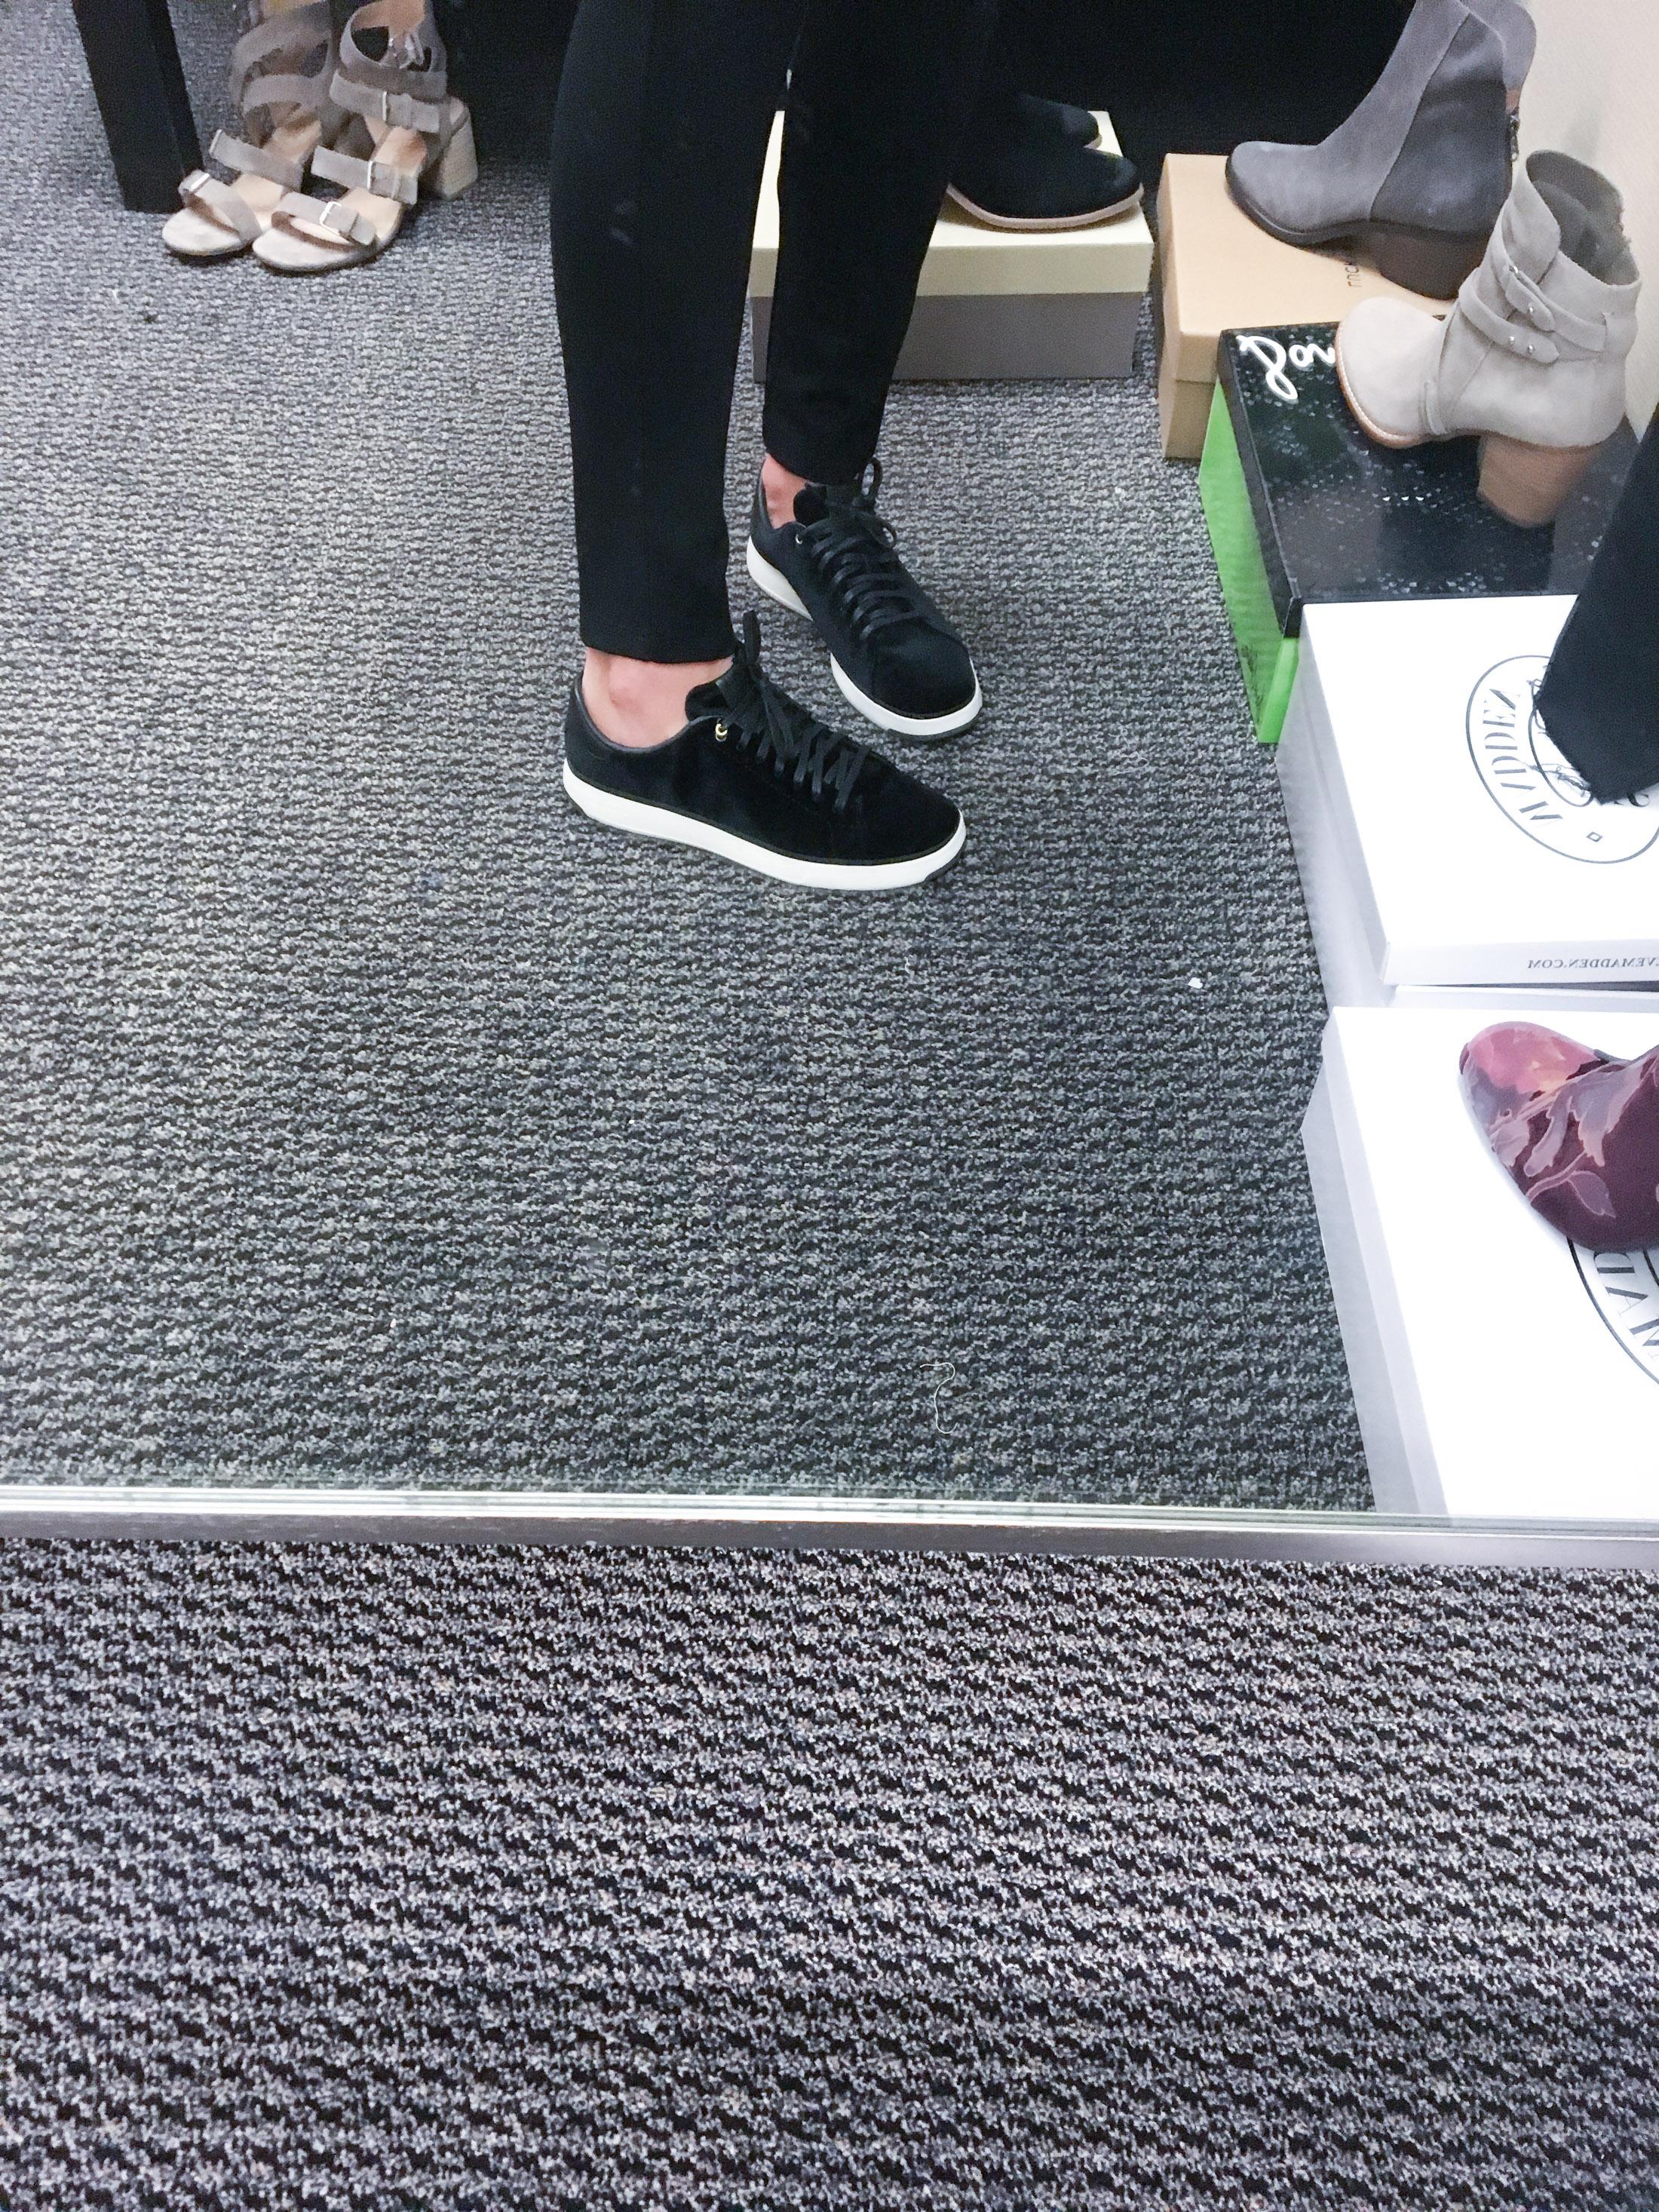 cole haan women sneakers (1 of 1)